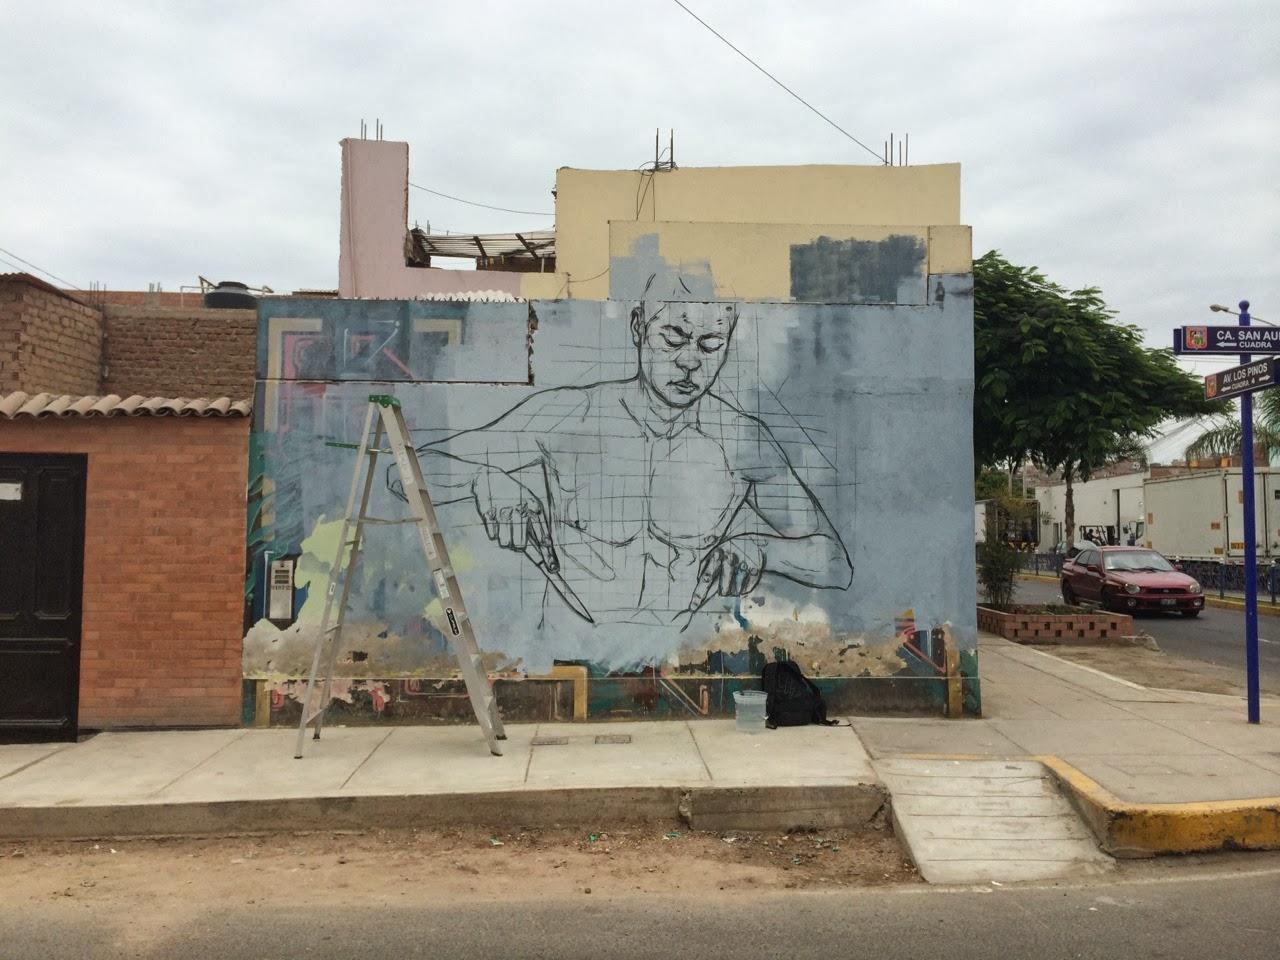 evoca1-loosing-hope-new-mural-in-chorrillos-lima-02